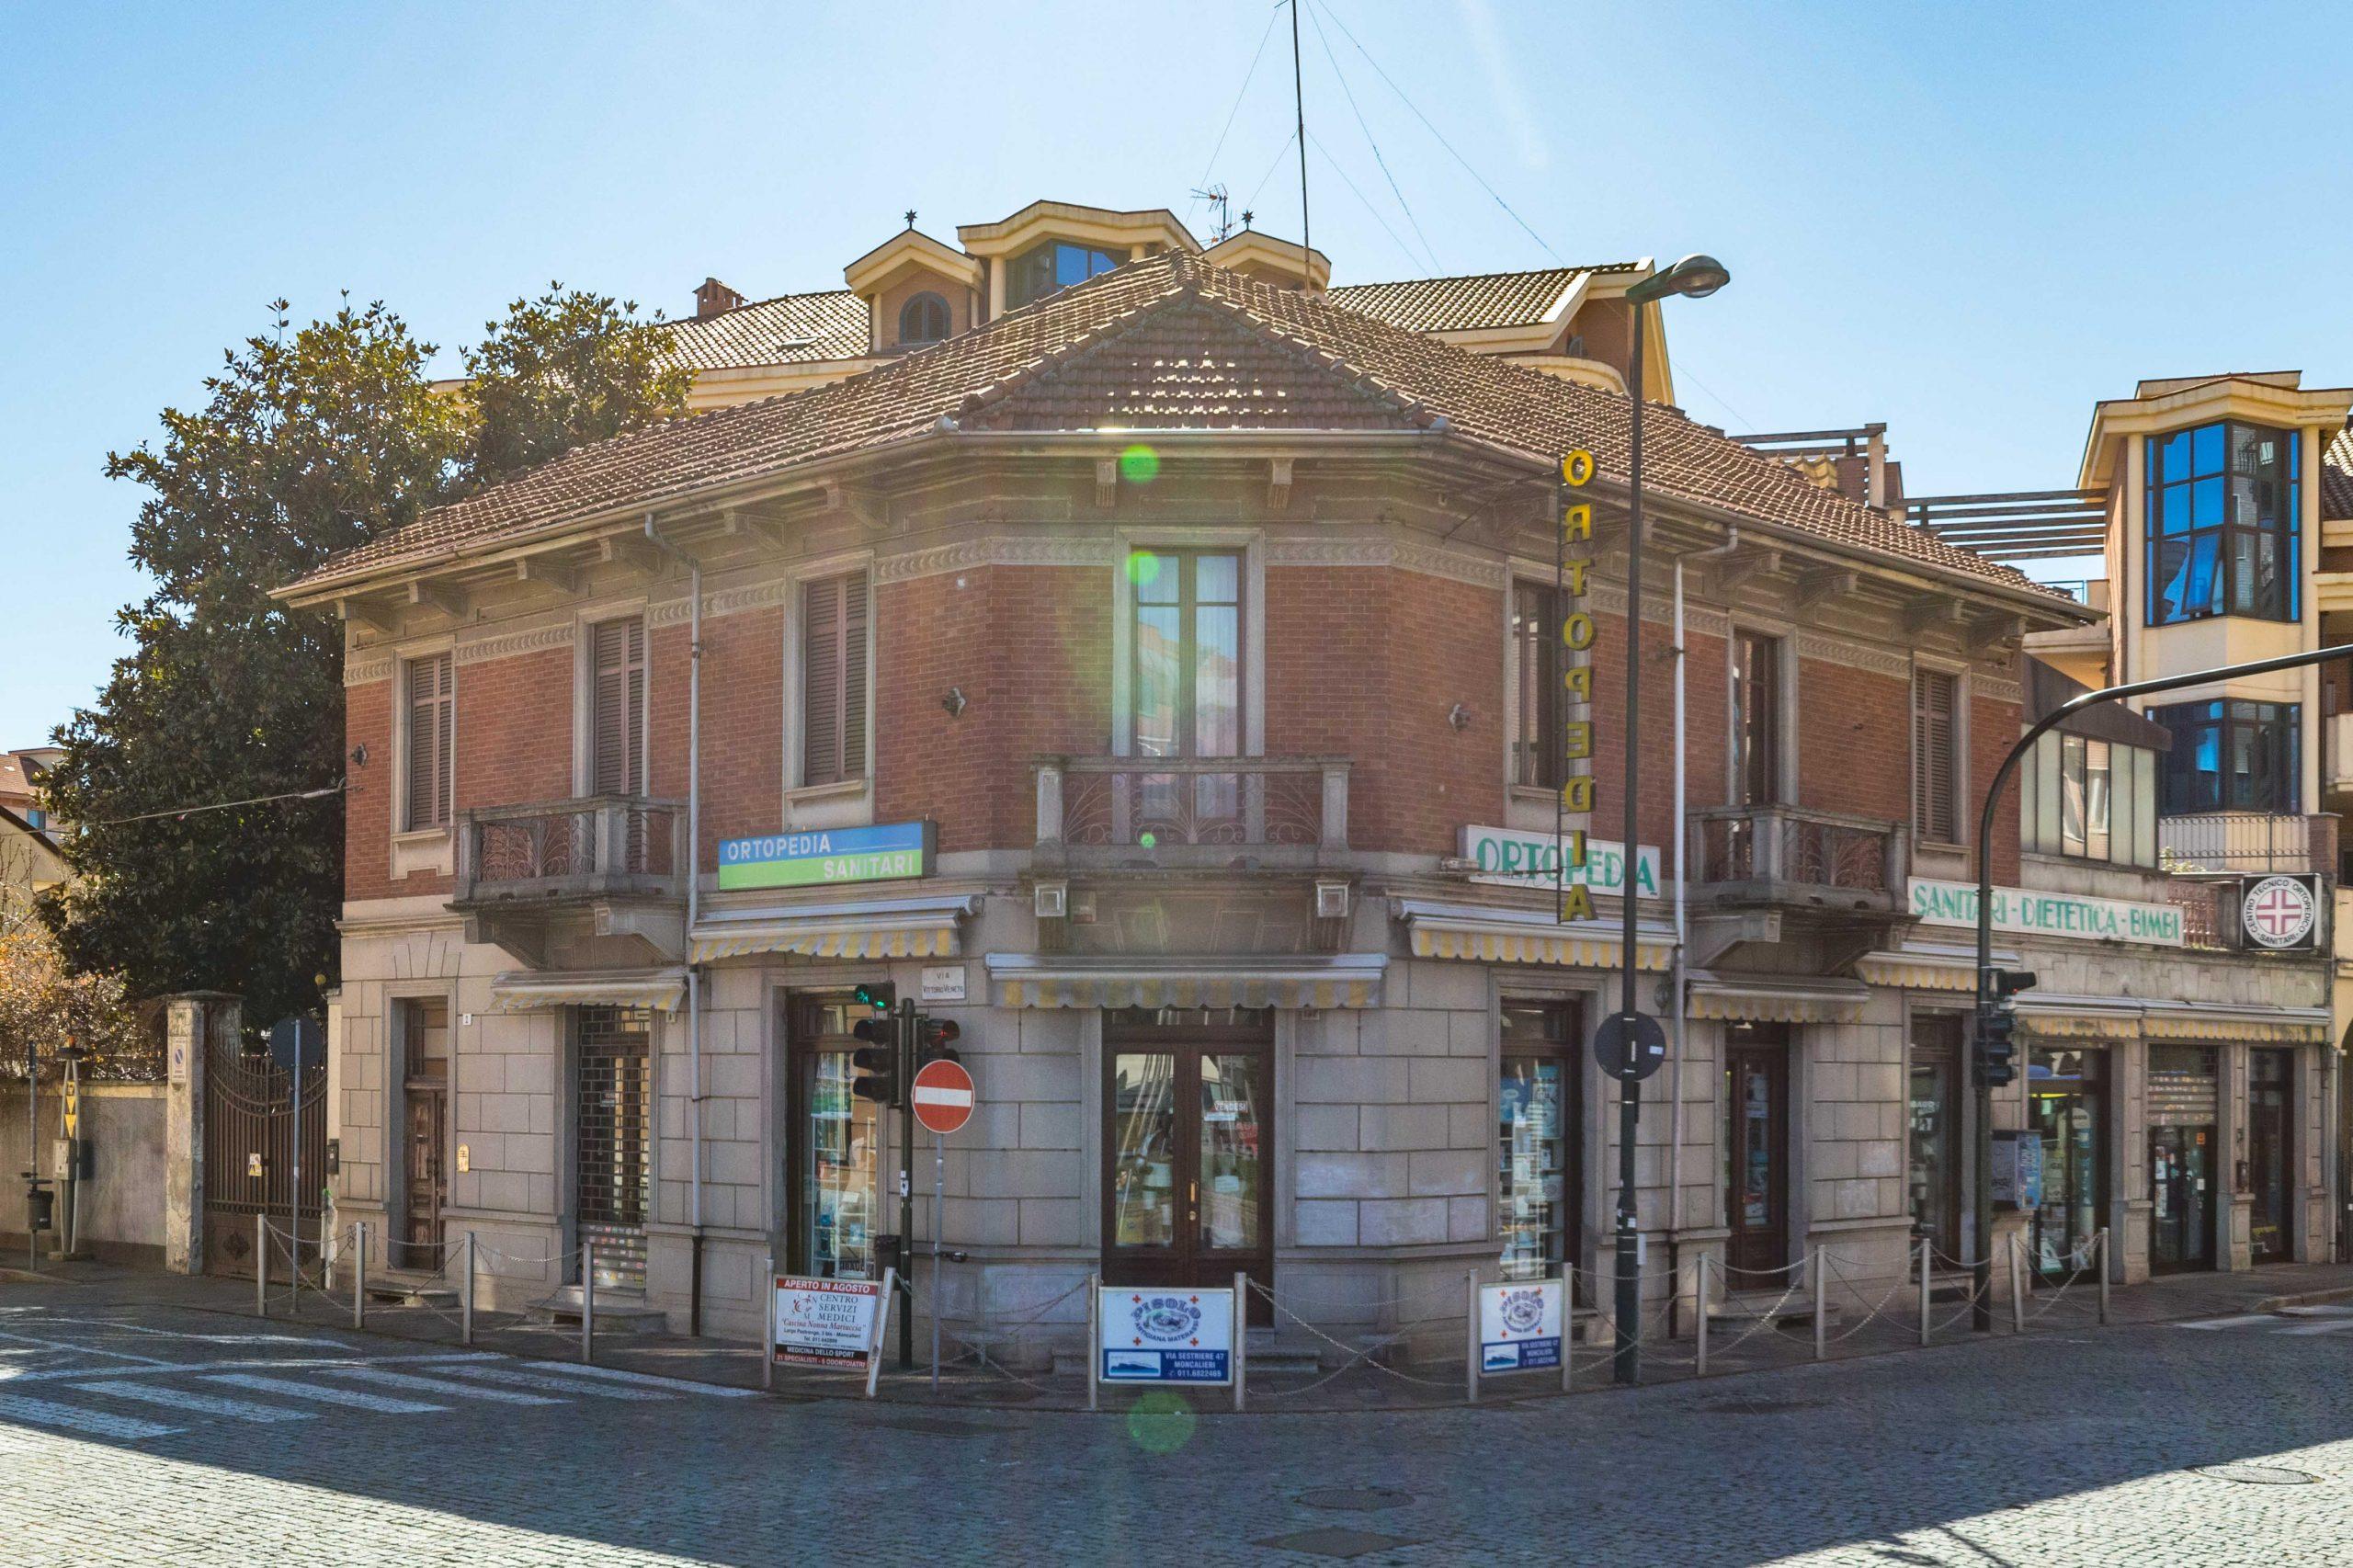 Palazzina in vendita in via Vittorio Veneto 2, Nichelino